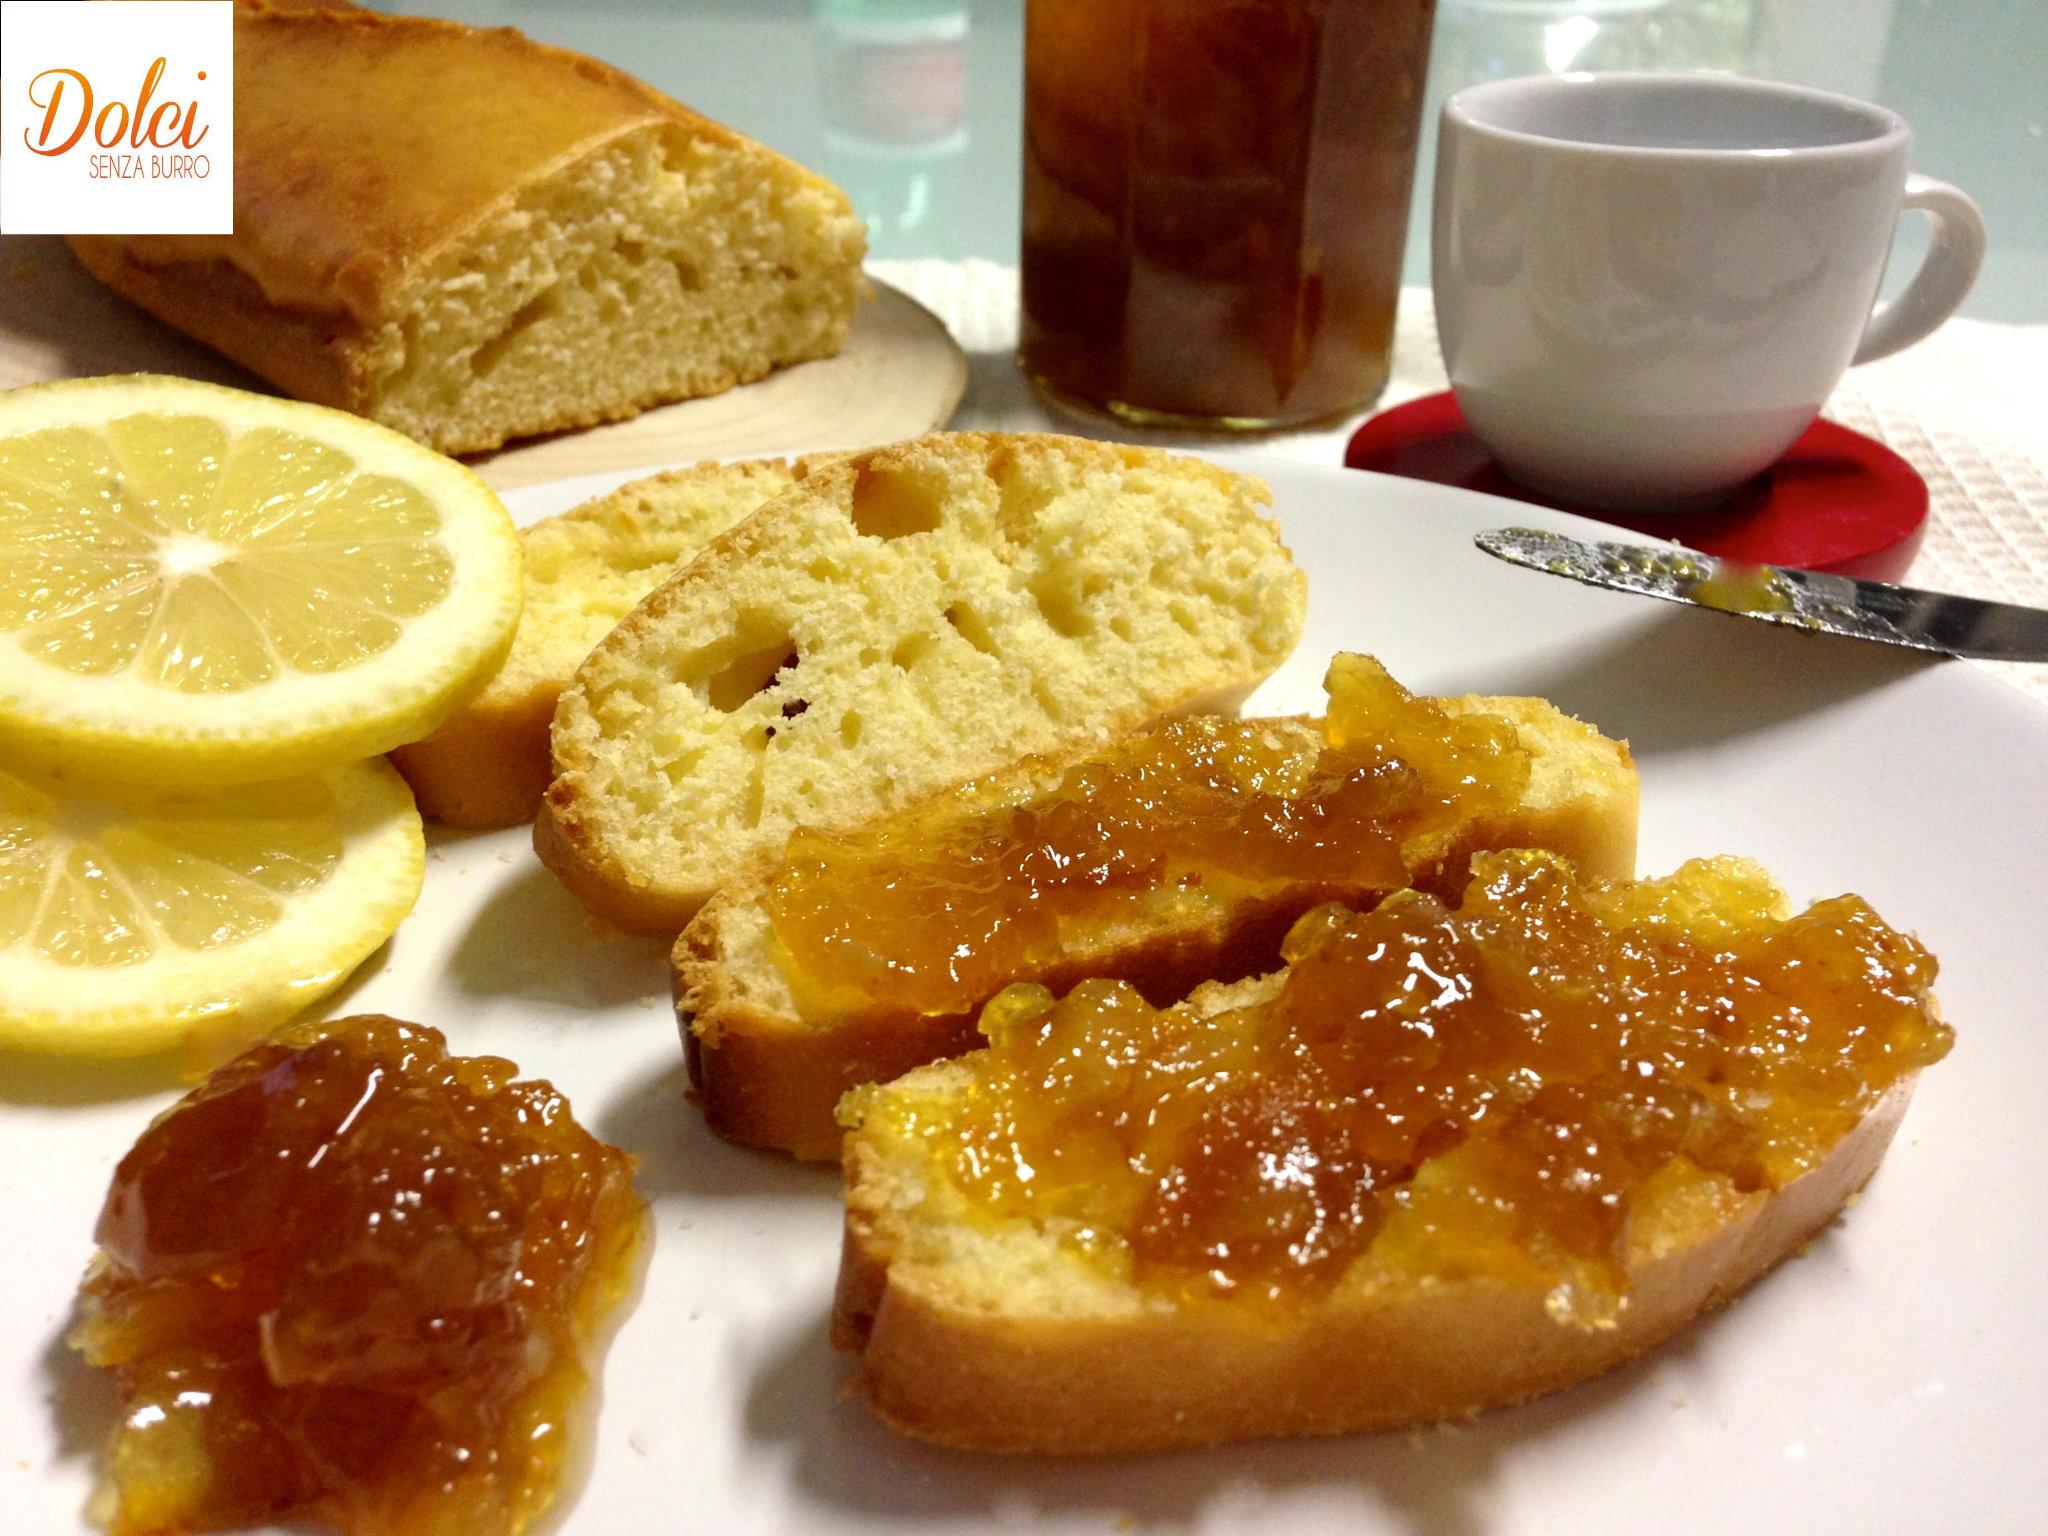 pan brioche senza burro al limone, un dolce senza lattosio di Dolci Senza Burro